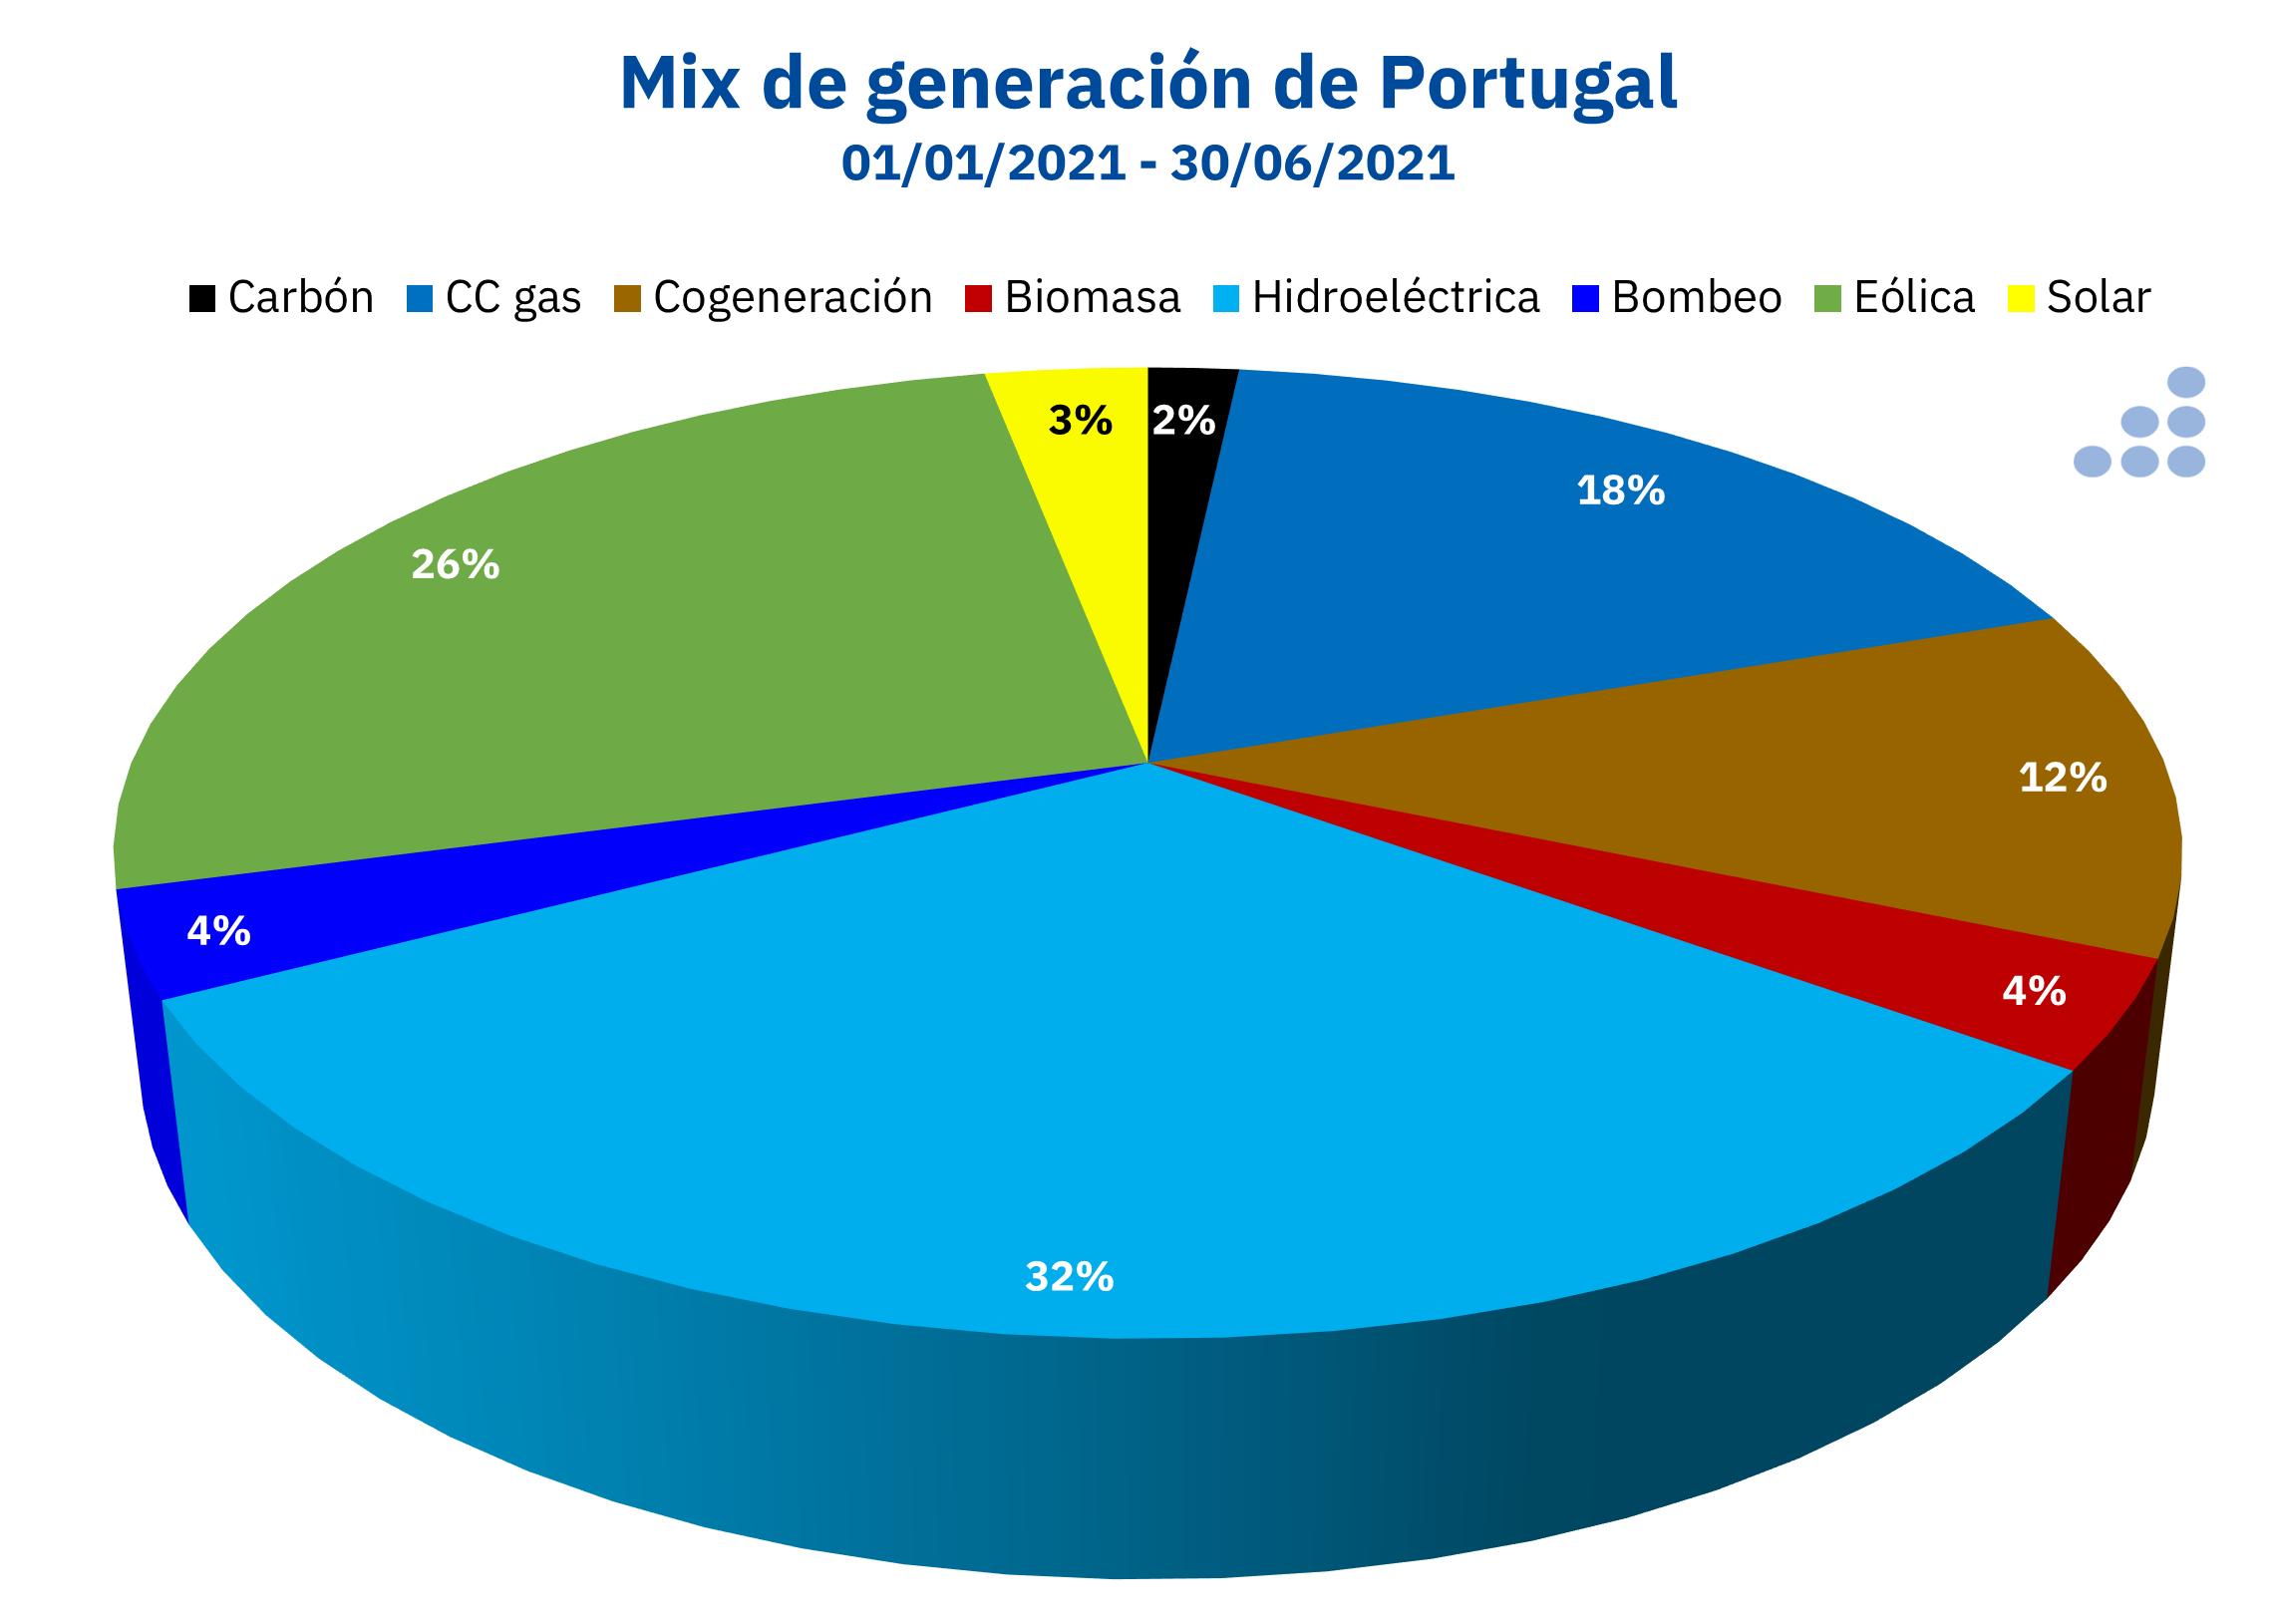 AleaSoft: Las energías lideraron la producción de electricidad en Portugal en el primer semestre de 2021